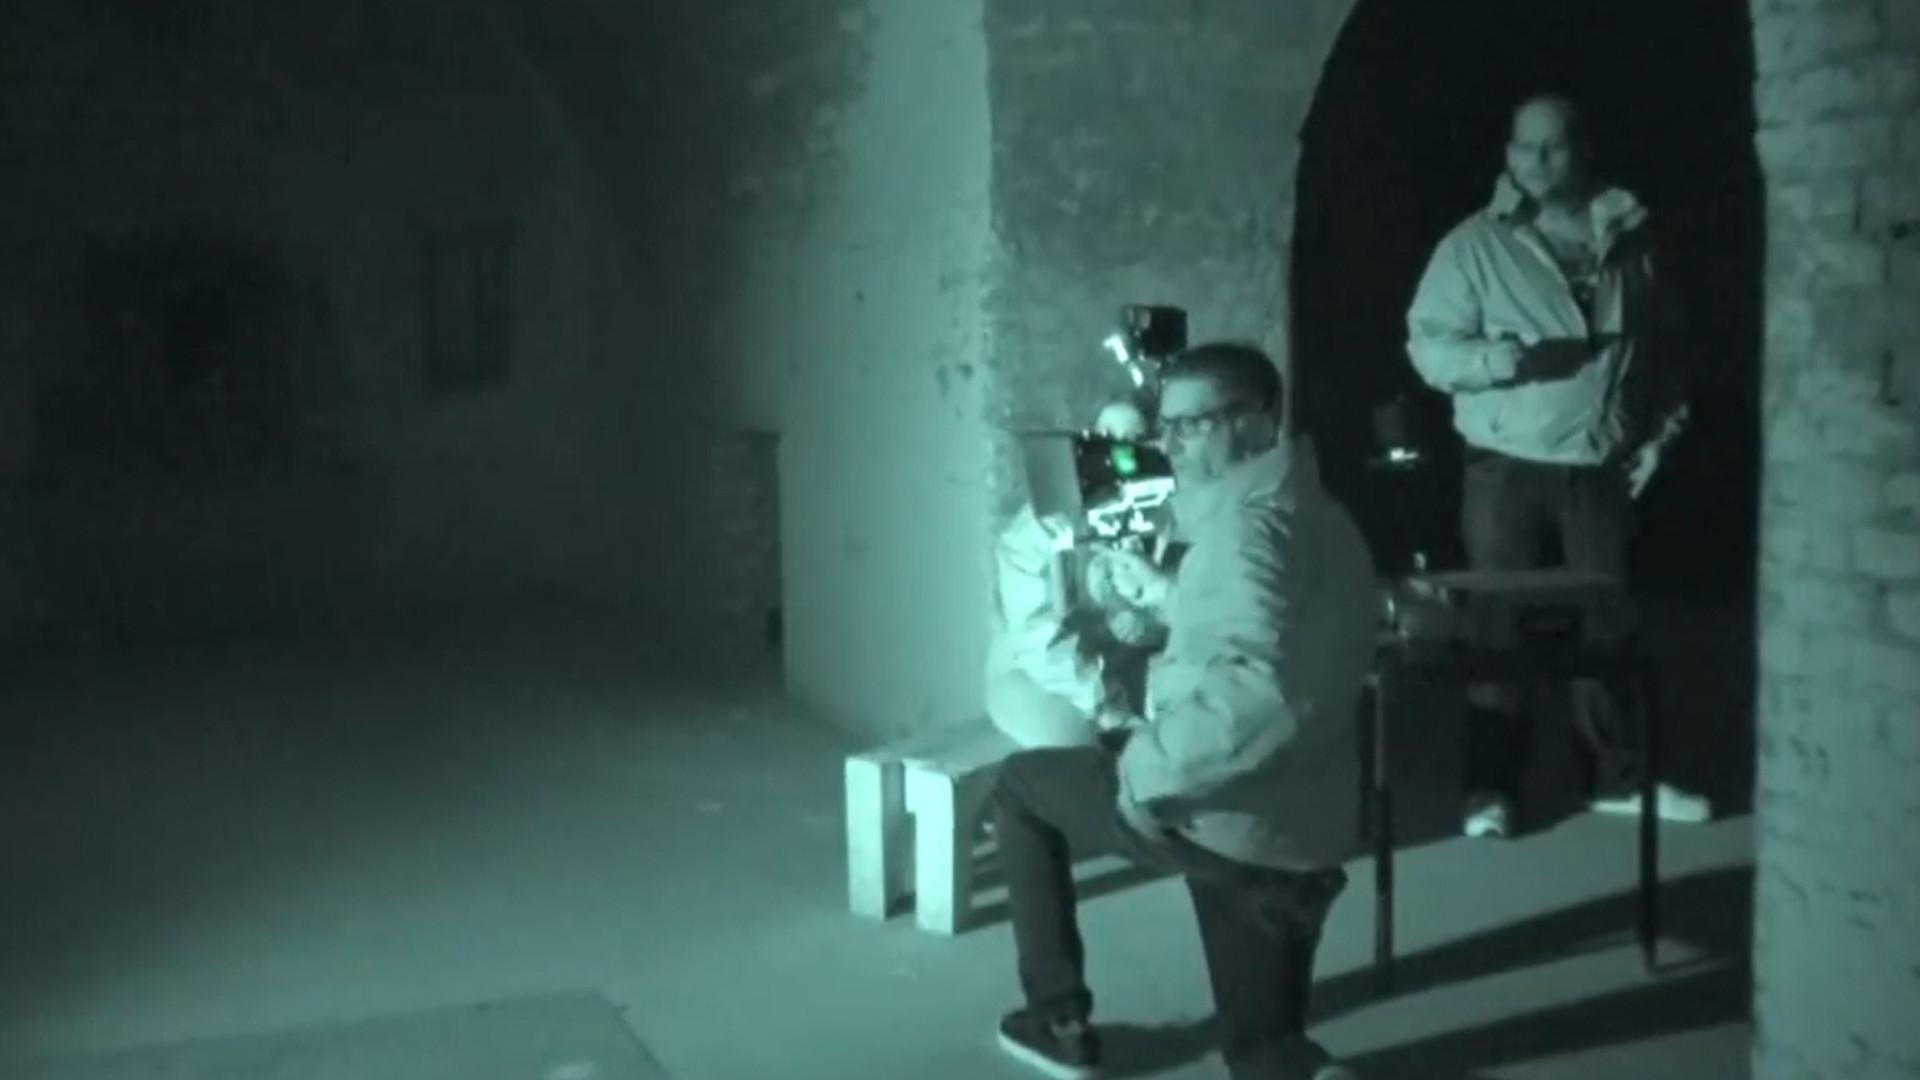 Suposto 'fantasma' ataca cameraman durante gravação